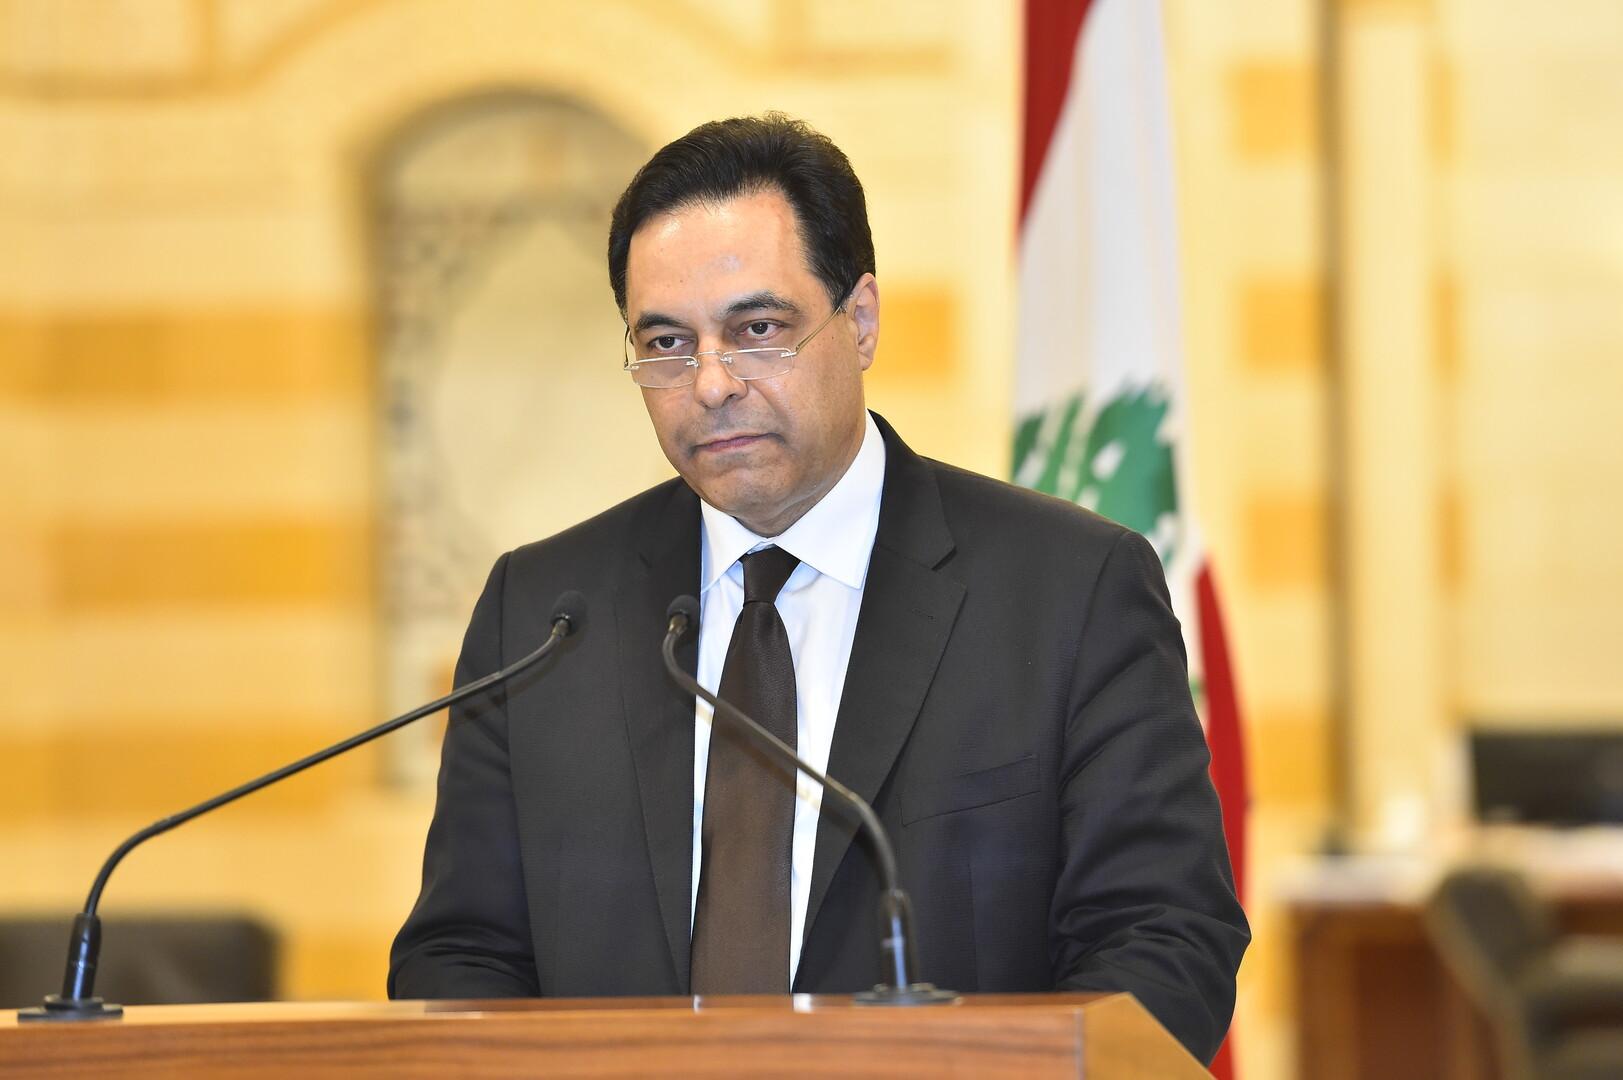 For anden gang .. udsender det libanesiske retsvæsen en stævning mod den tidligere premierminister